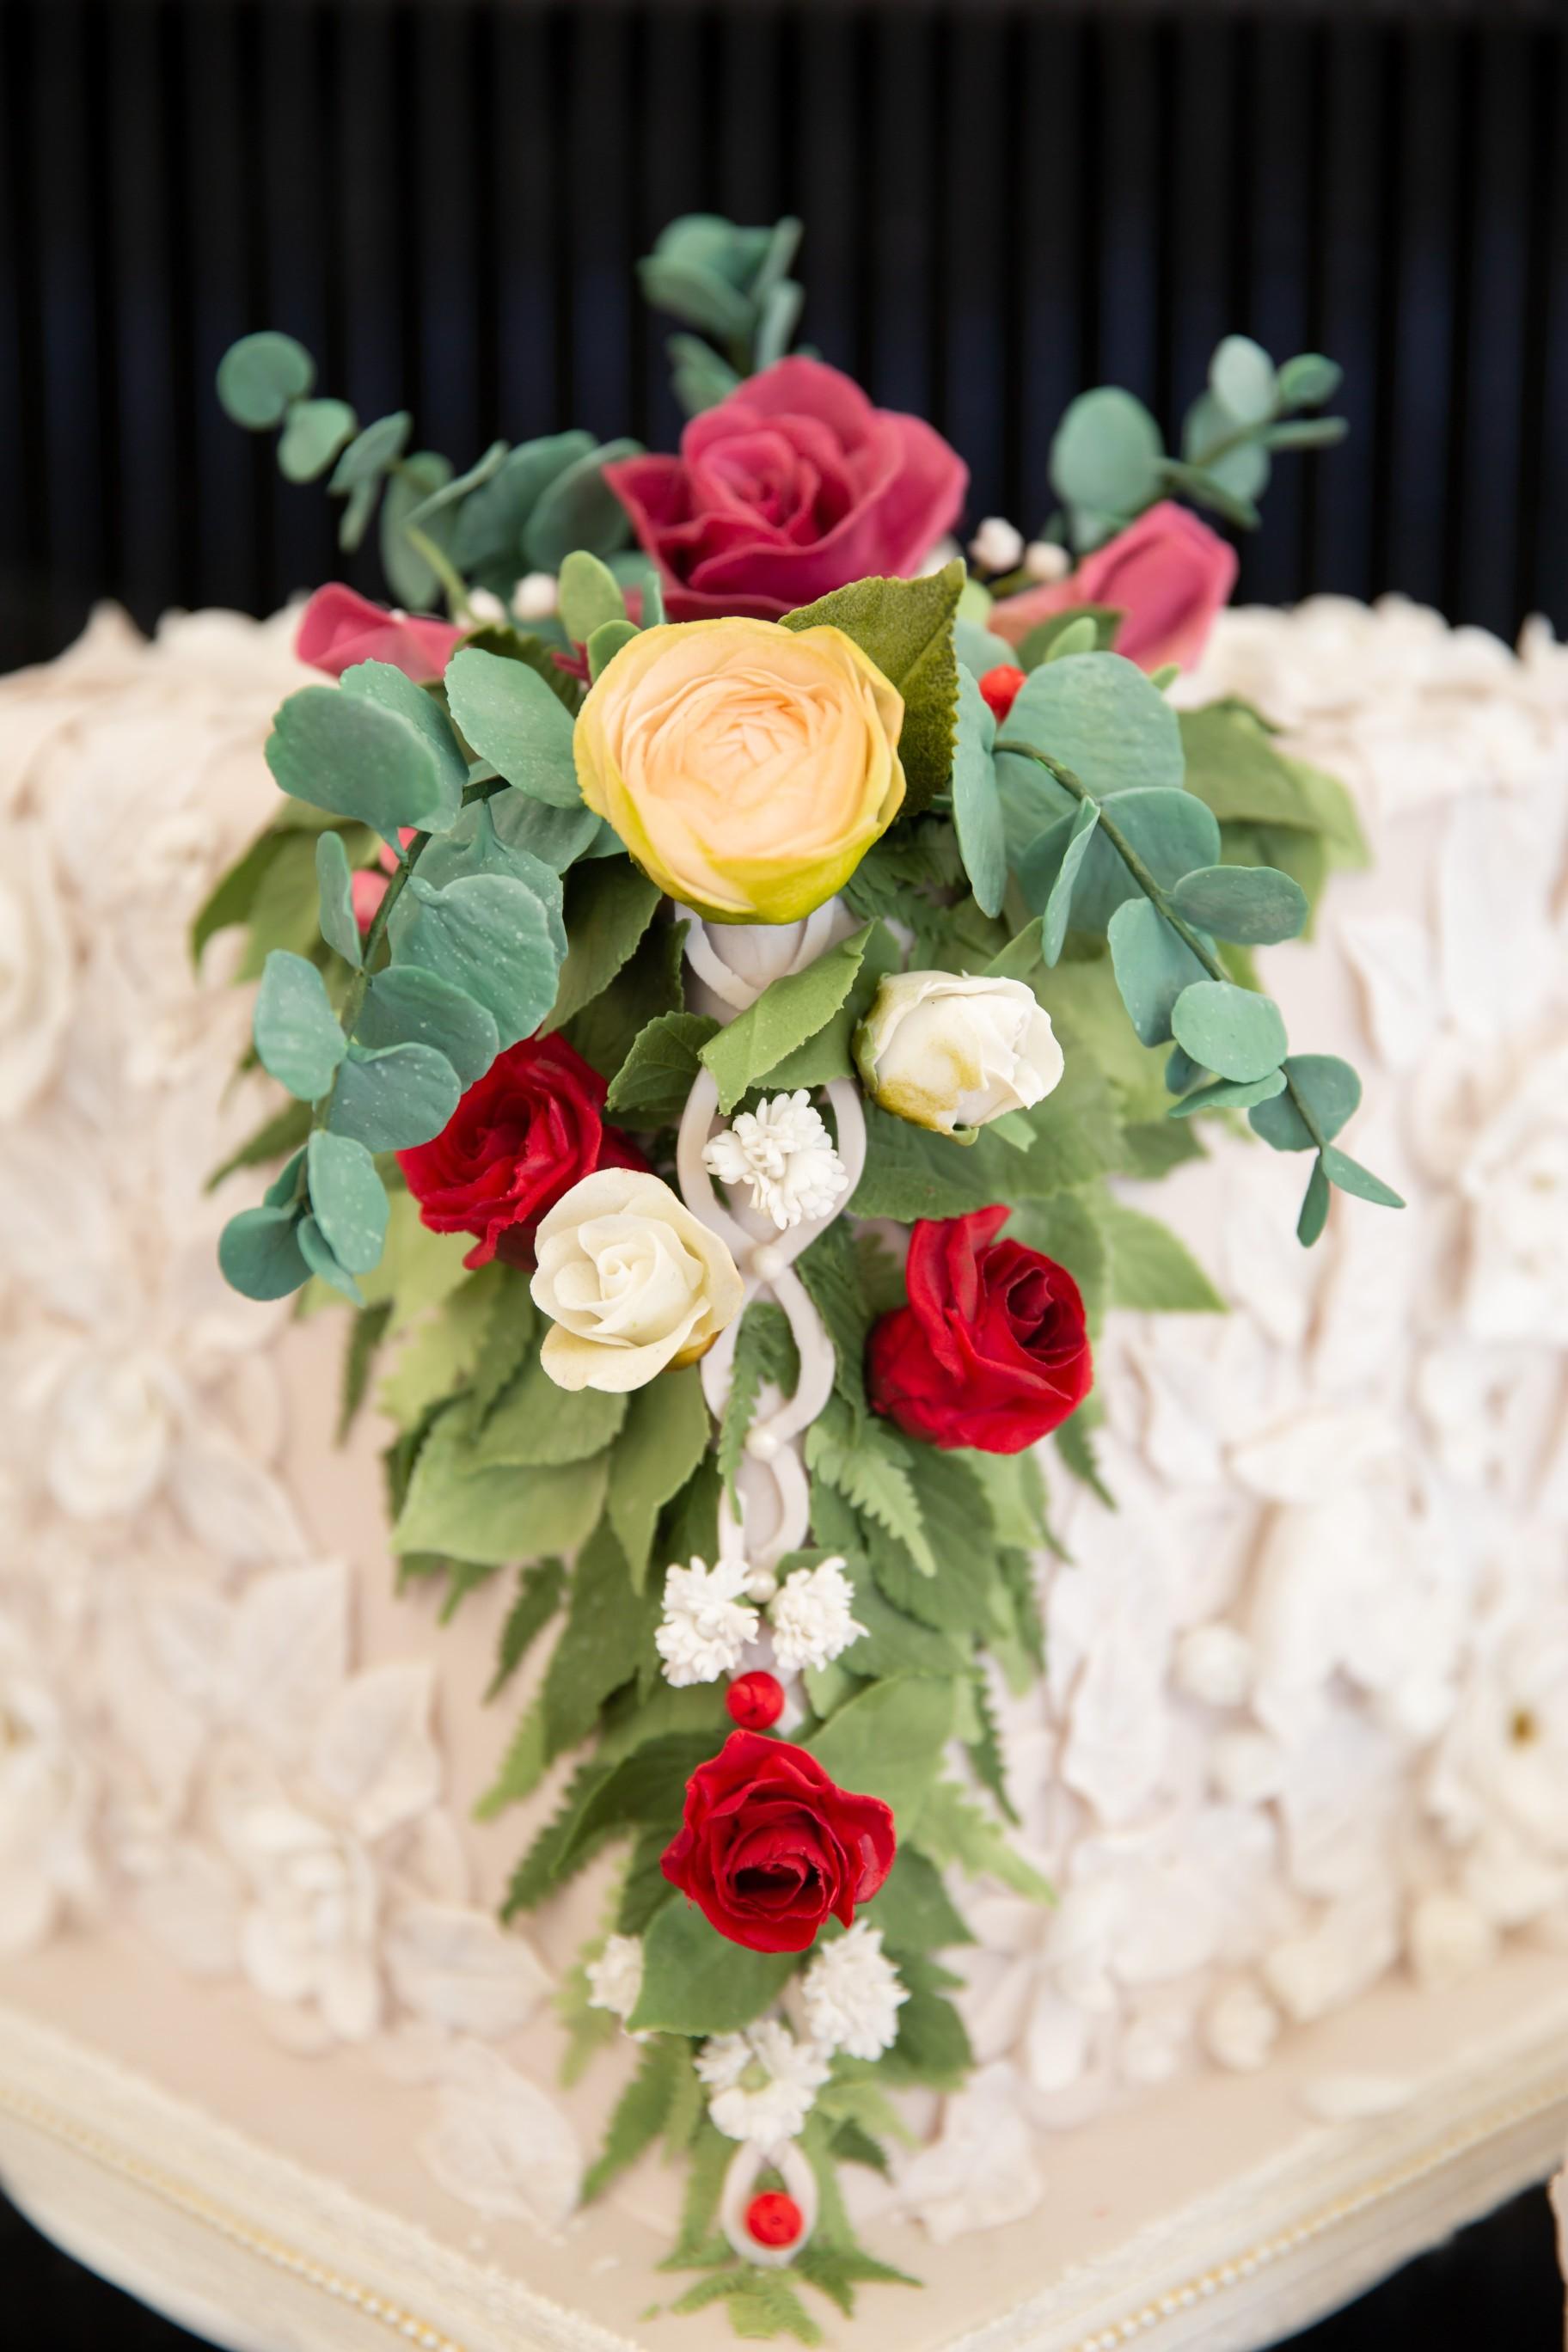 My Little Studio - Creative wedding cakes - individual wedding cakes - alternative wedding cakes 2 - Lumiere wedding photography